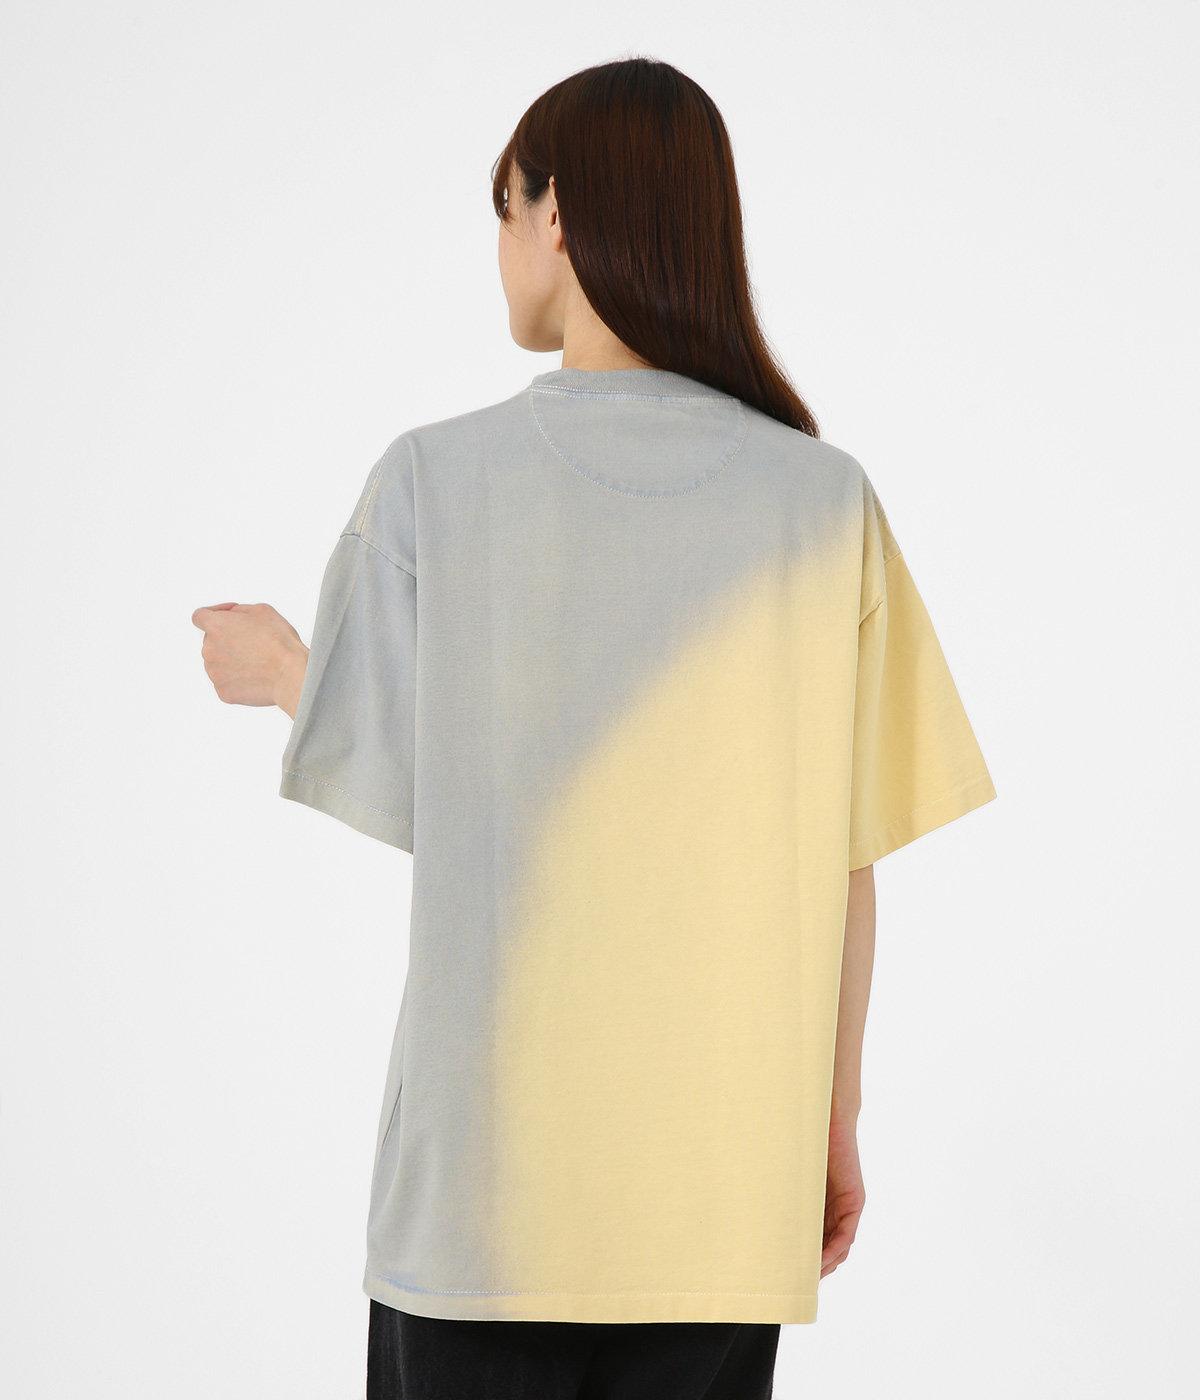 【レディース】FN-WN-TSHI000321(t-shirt)